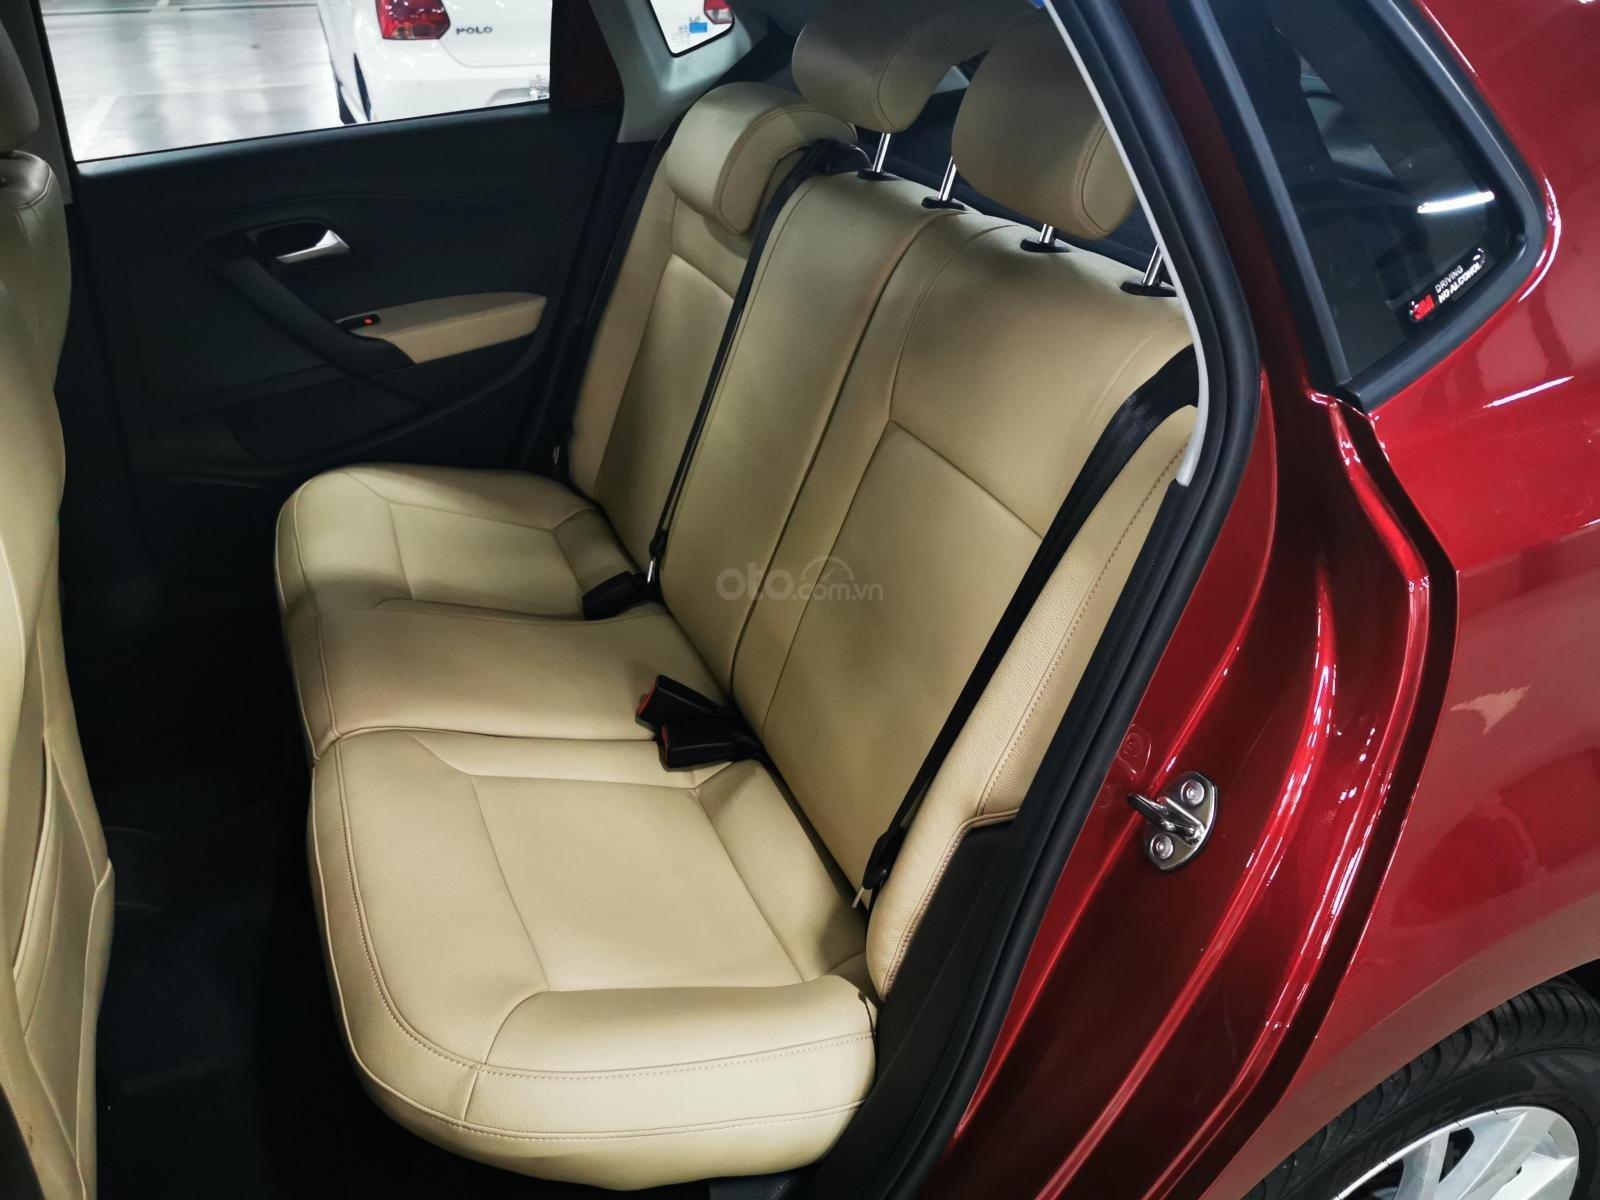 VW Polo Hatchback 2020 màu đỏ Sunset mới lạ đẹp mắt và đầy ấn tượng, ưu đãi bất ngờ. LH ngay 0903.310.412 (9)